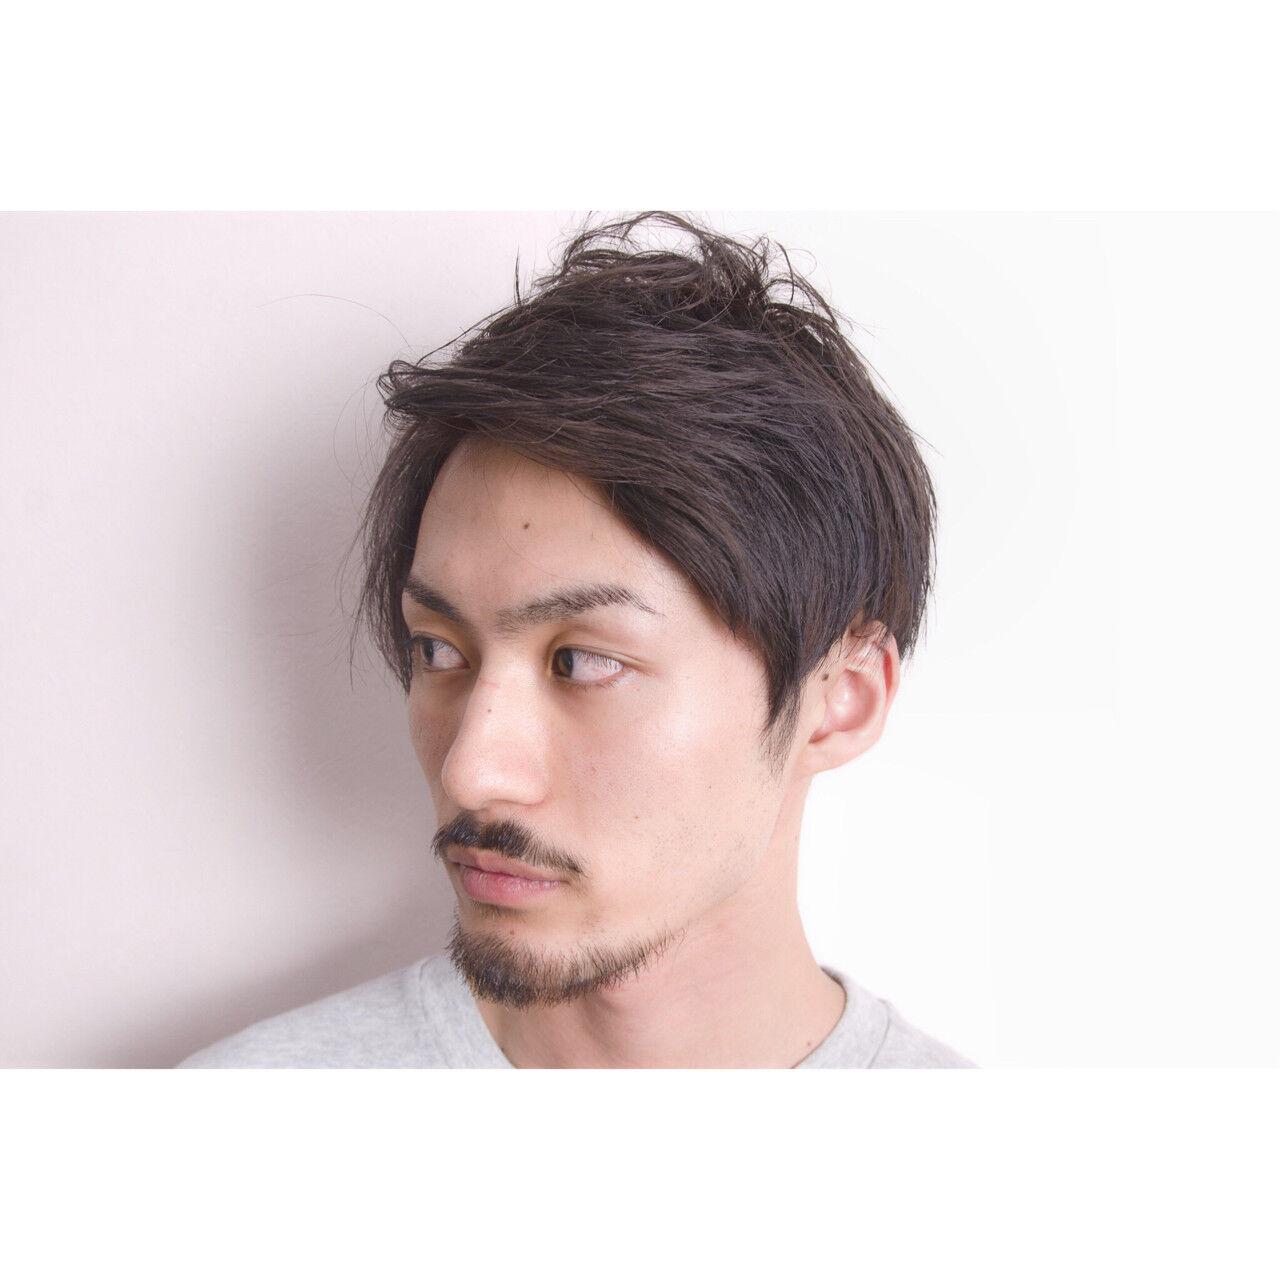 モード ショート モテ髪 黒髪ヘアスタイルや髪型の写真・画像